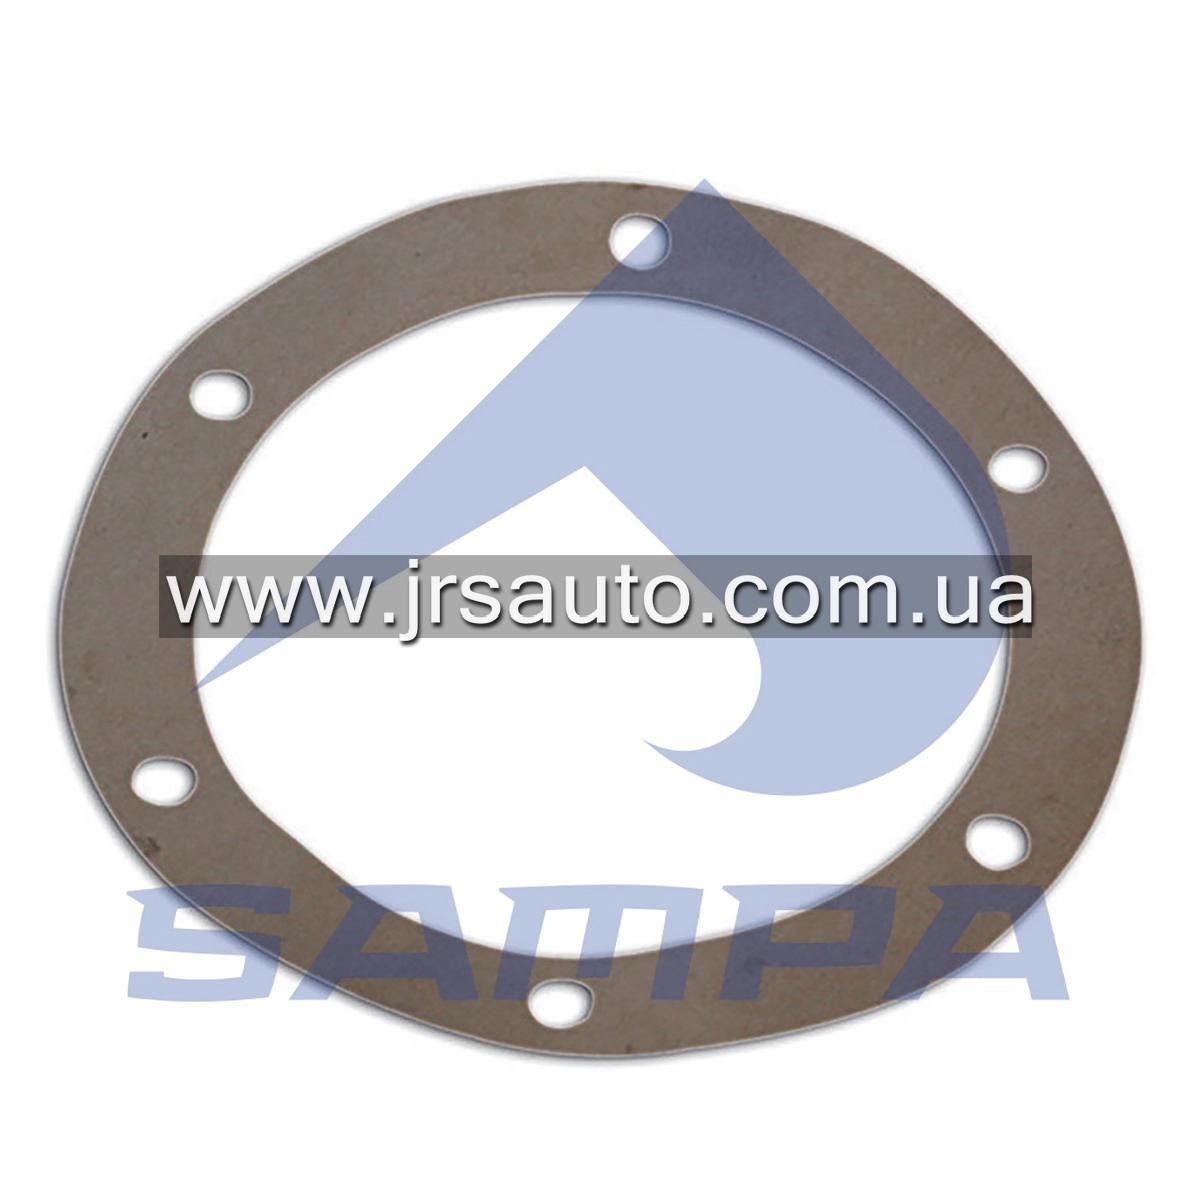 Уплотняющее кольцо ступицы (140х1) SAF \1093000500 \ 075.037